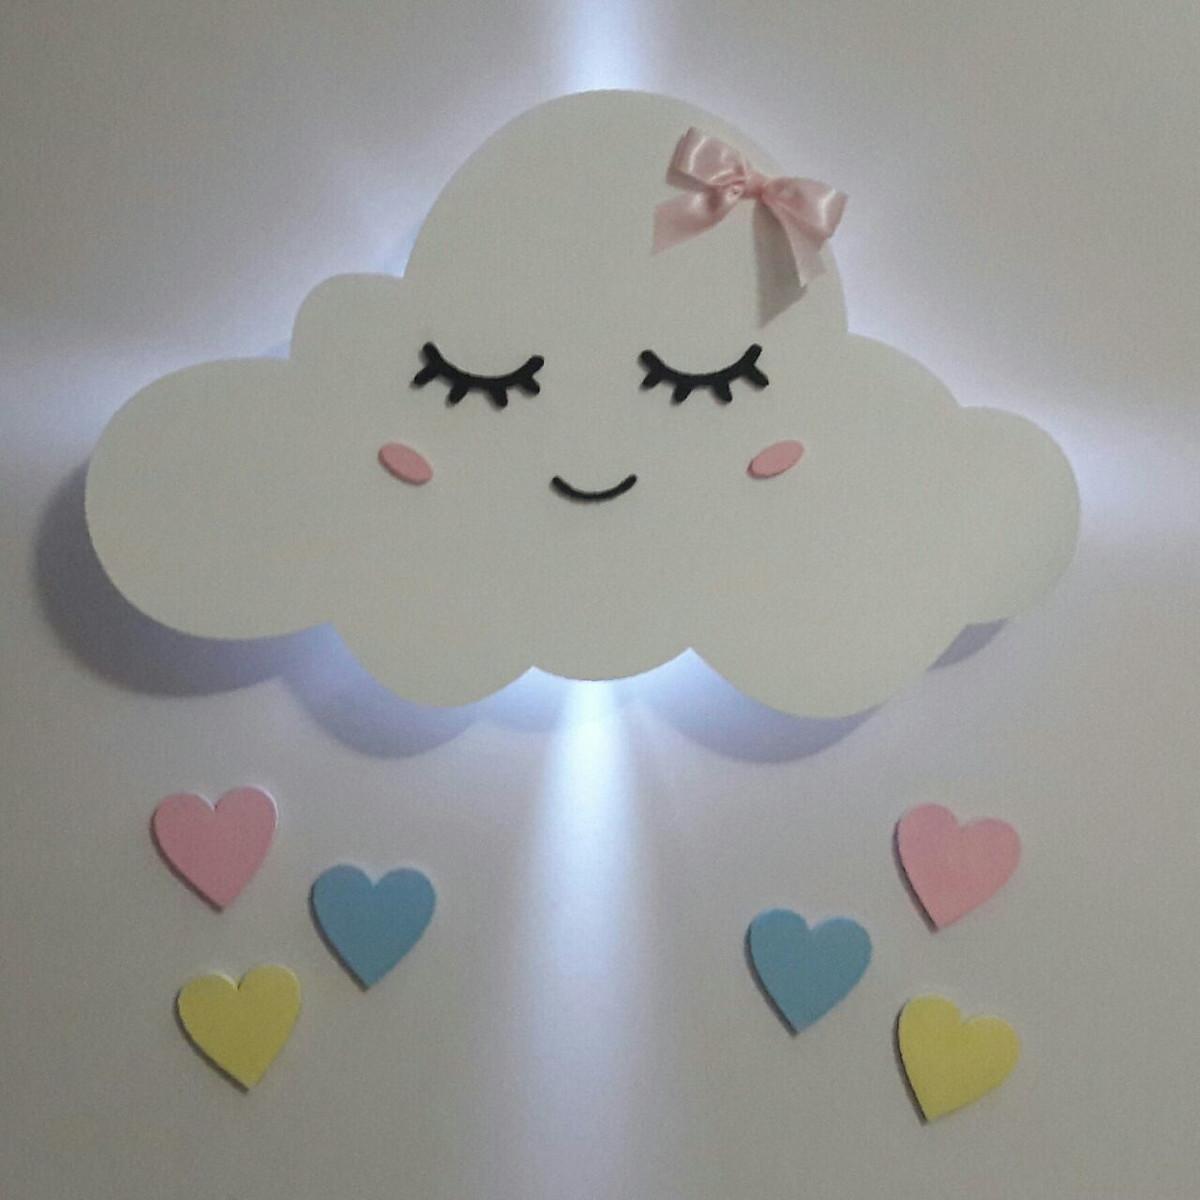 Decora O Nuvem Led Mdf Pintado Quarto Beb Ab Fa A Voc Mesmo  ~ Decoração De Quarto Faça Vc Mesmo